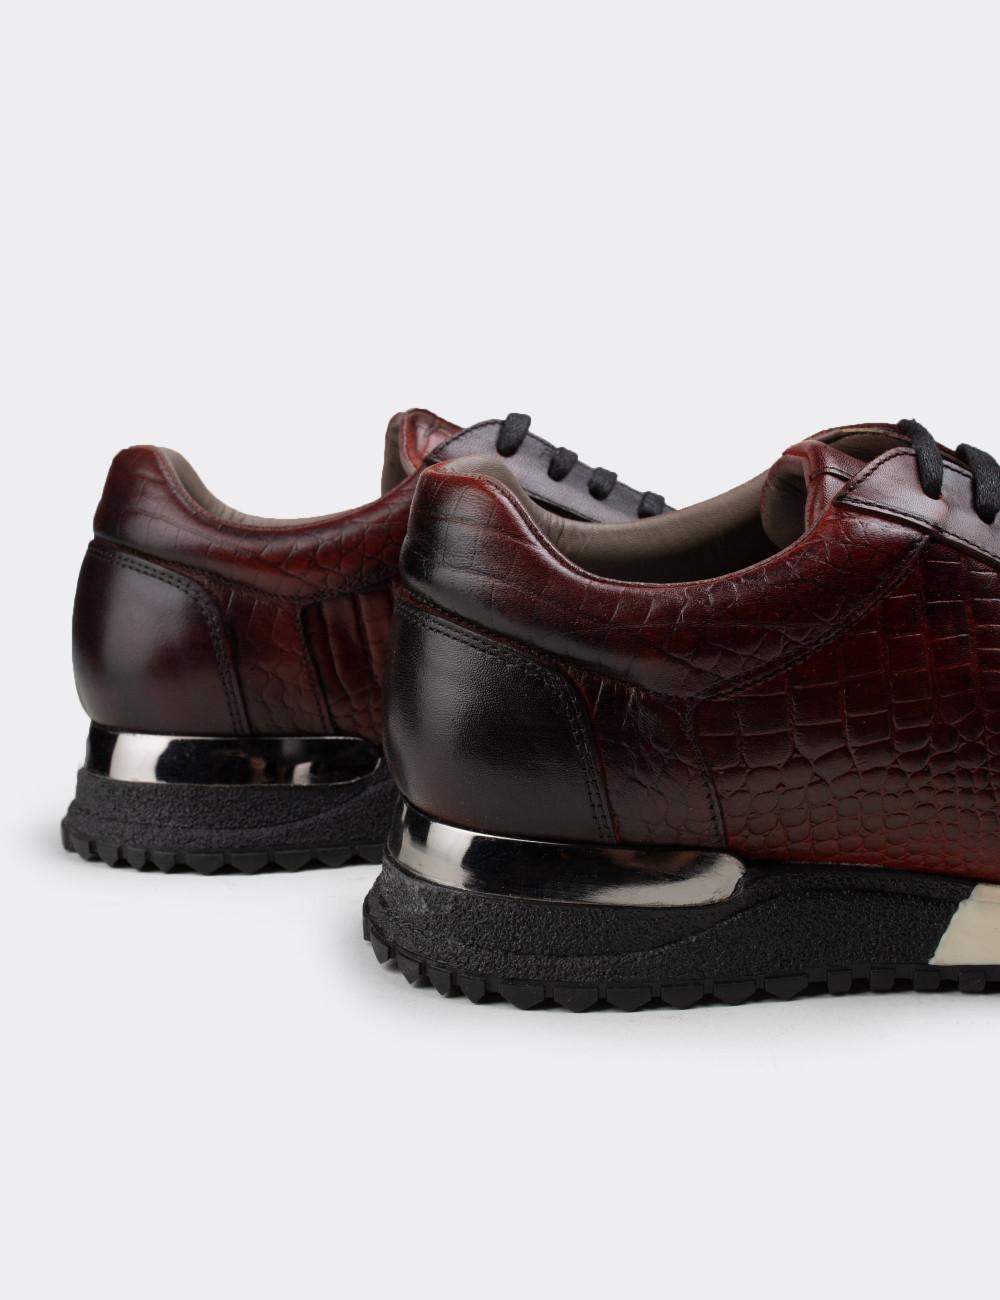 Hakiki Deri Bordo Spor Erkek Ayakkabı - 01632MBRDT02